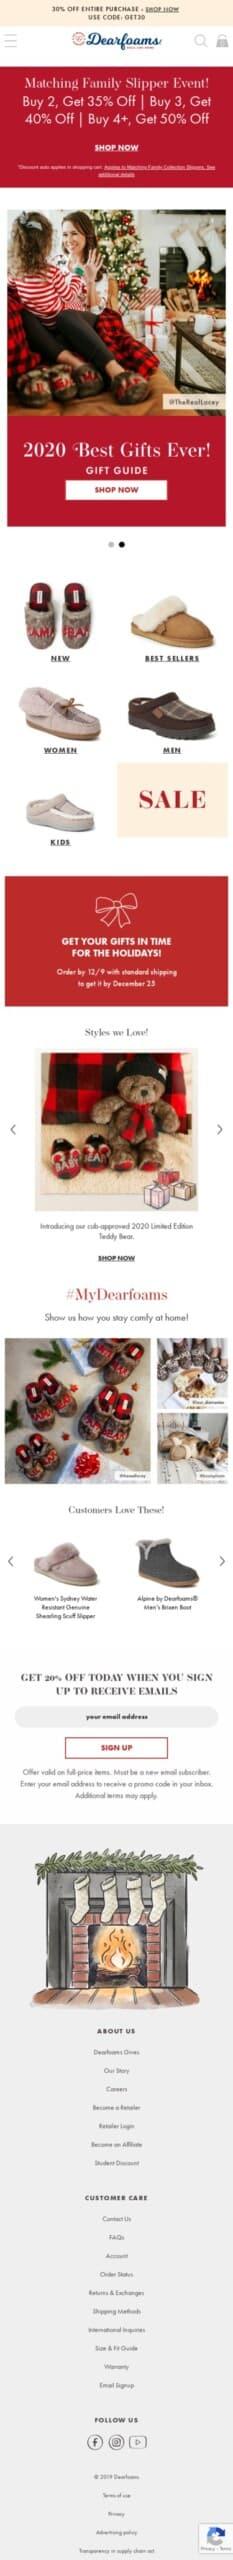 Dearfoams.com Coupon